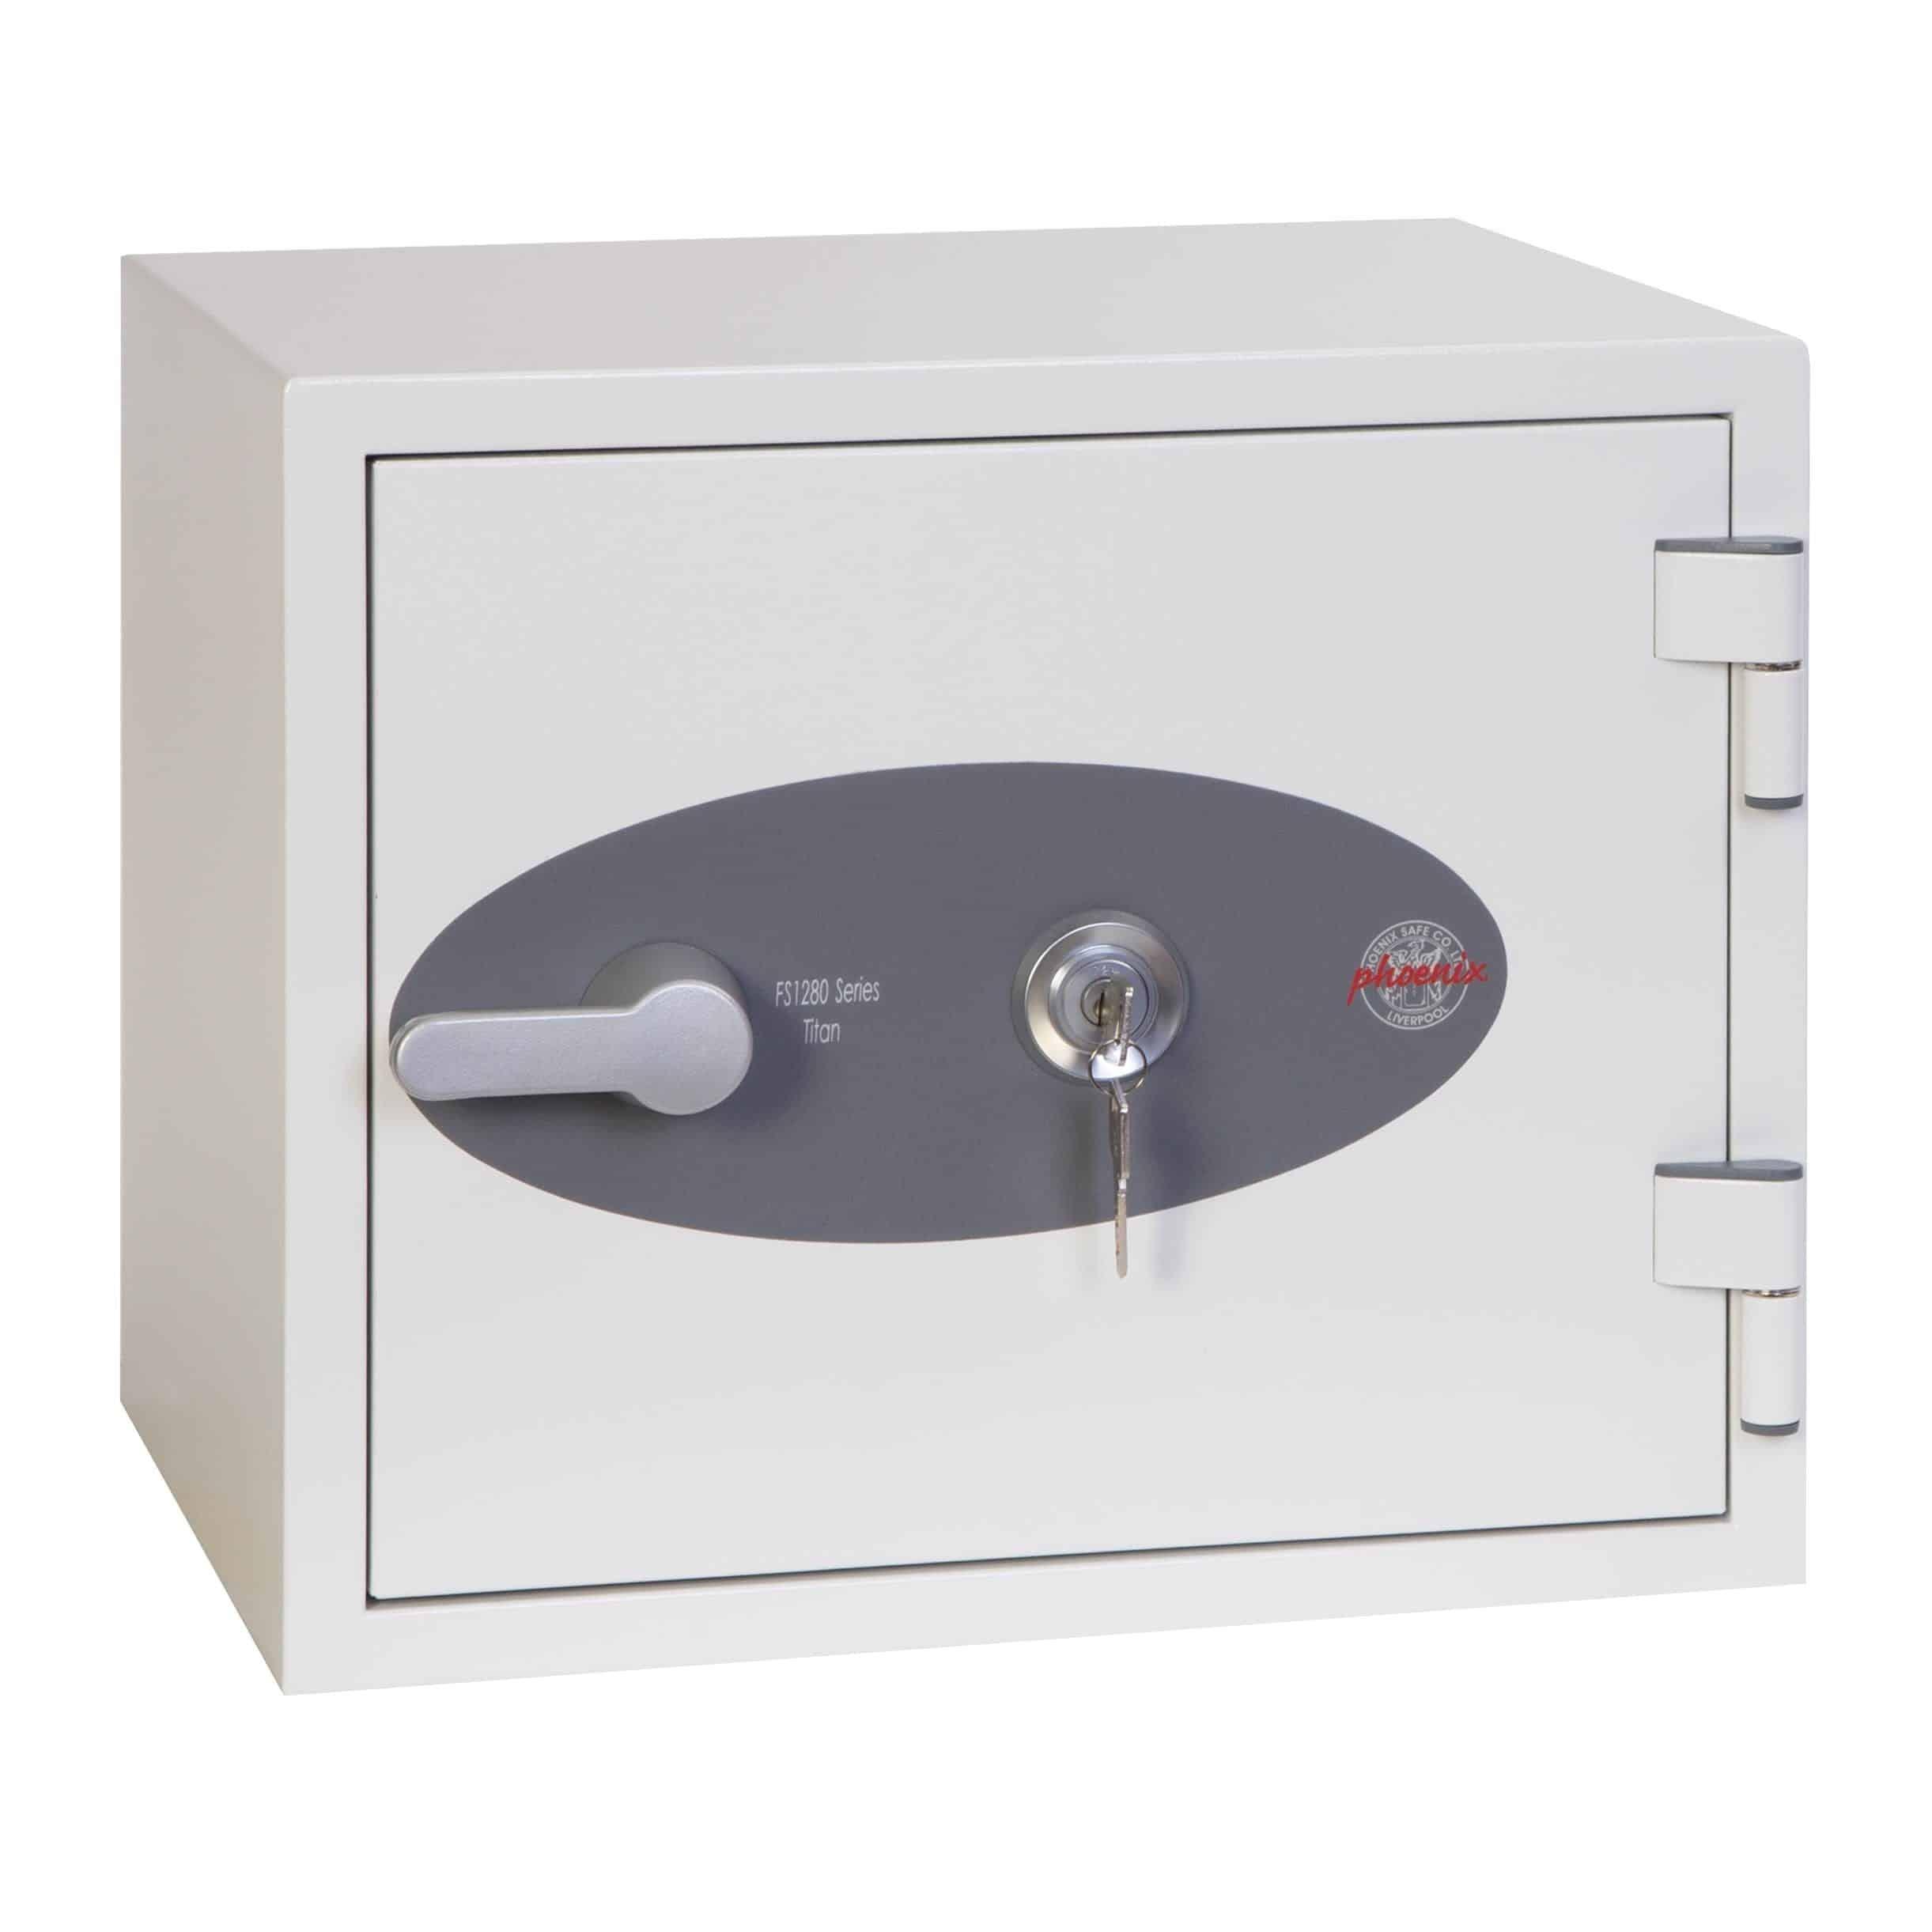 FS1281 Titan Fire Safes